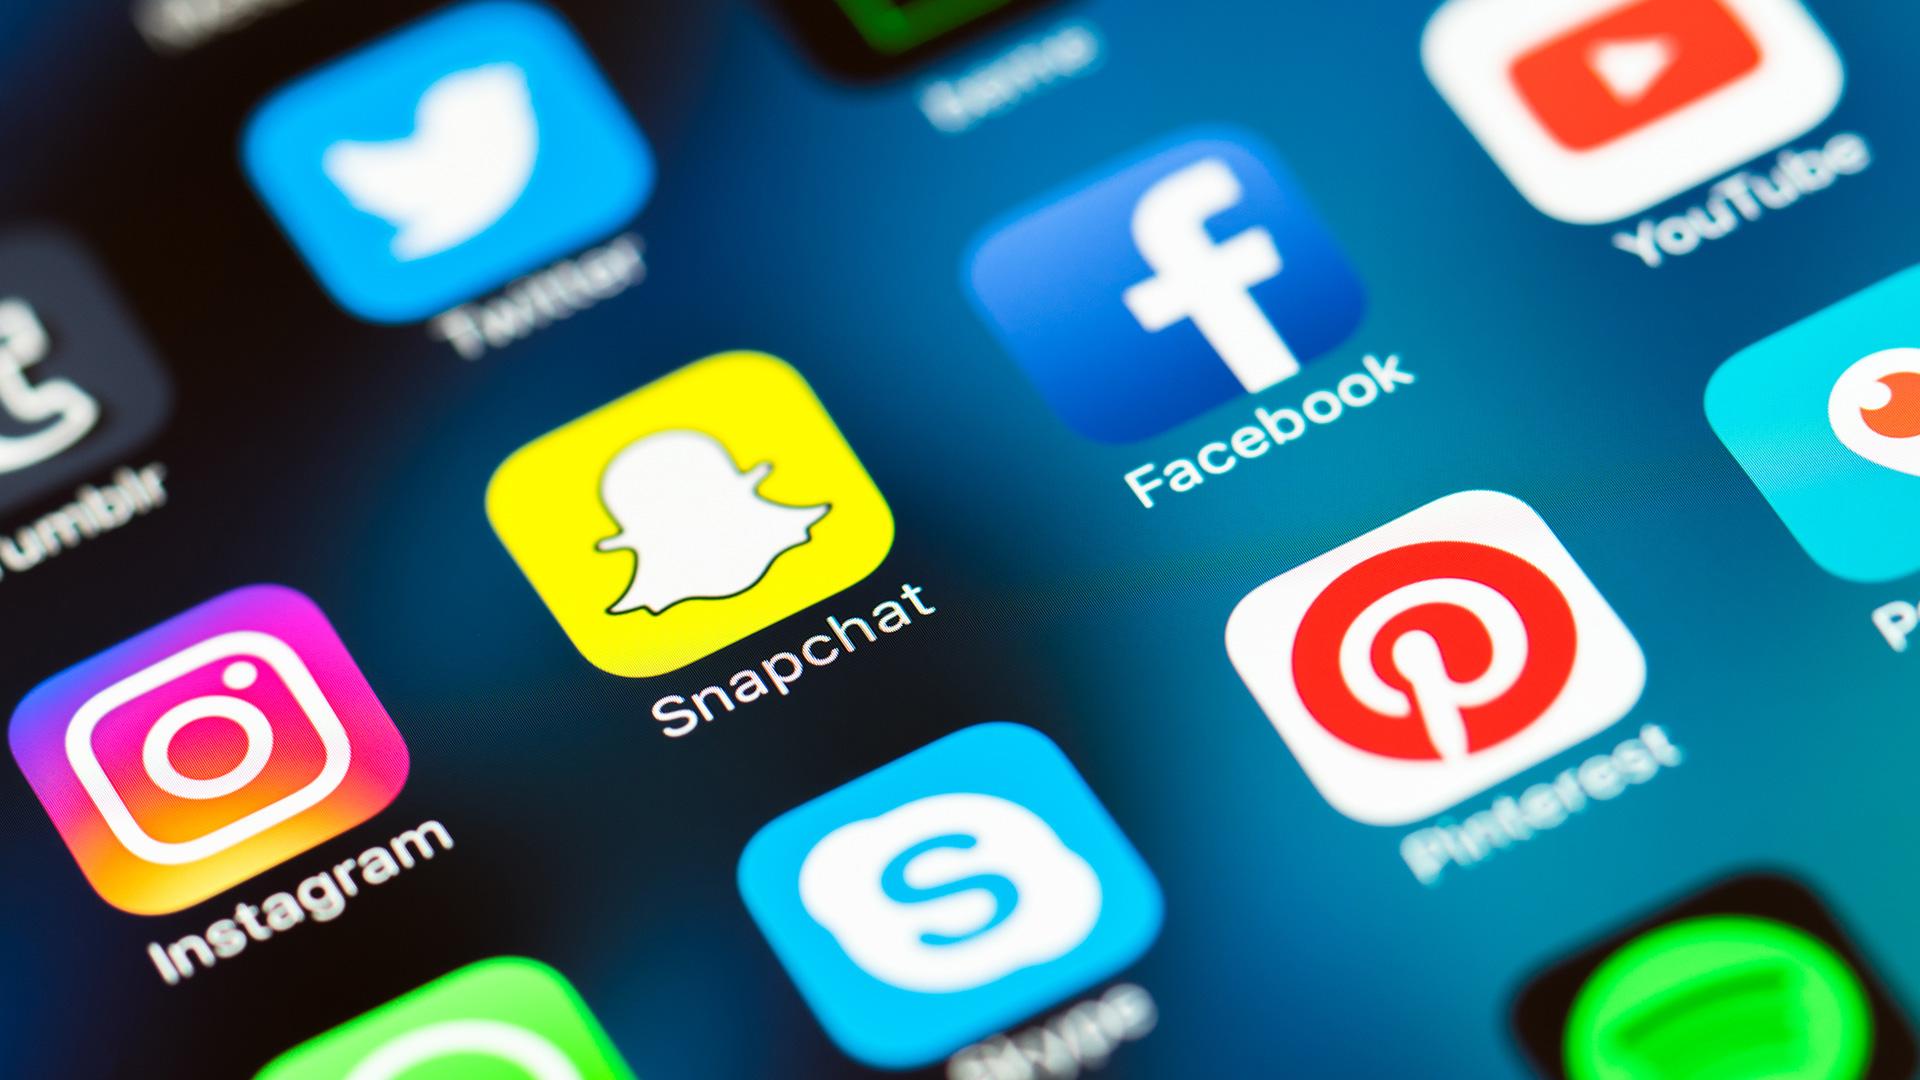 social media - digital media